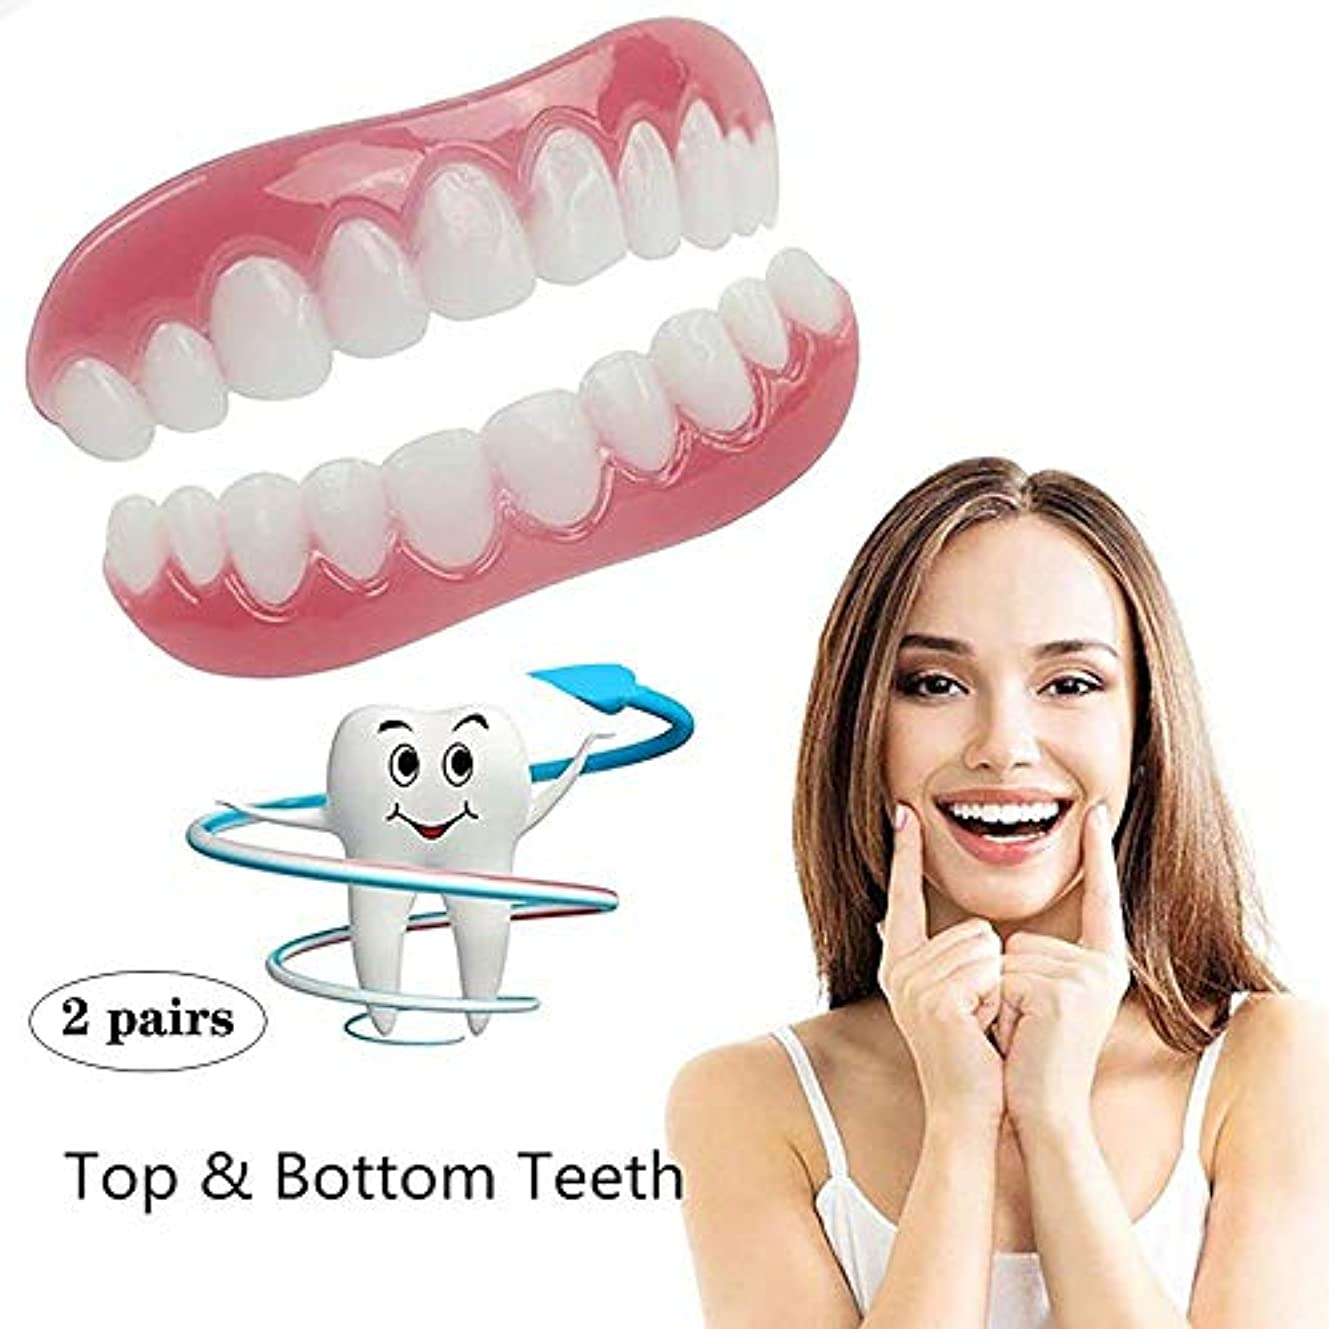 柔らかさ翻訳表現2対の歯のベニヤ化粧品の歯のスナップオンセキュアアッパーロアフレックスデンタルベニア義歯ケアファッション